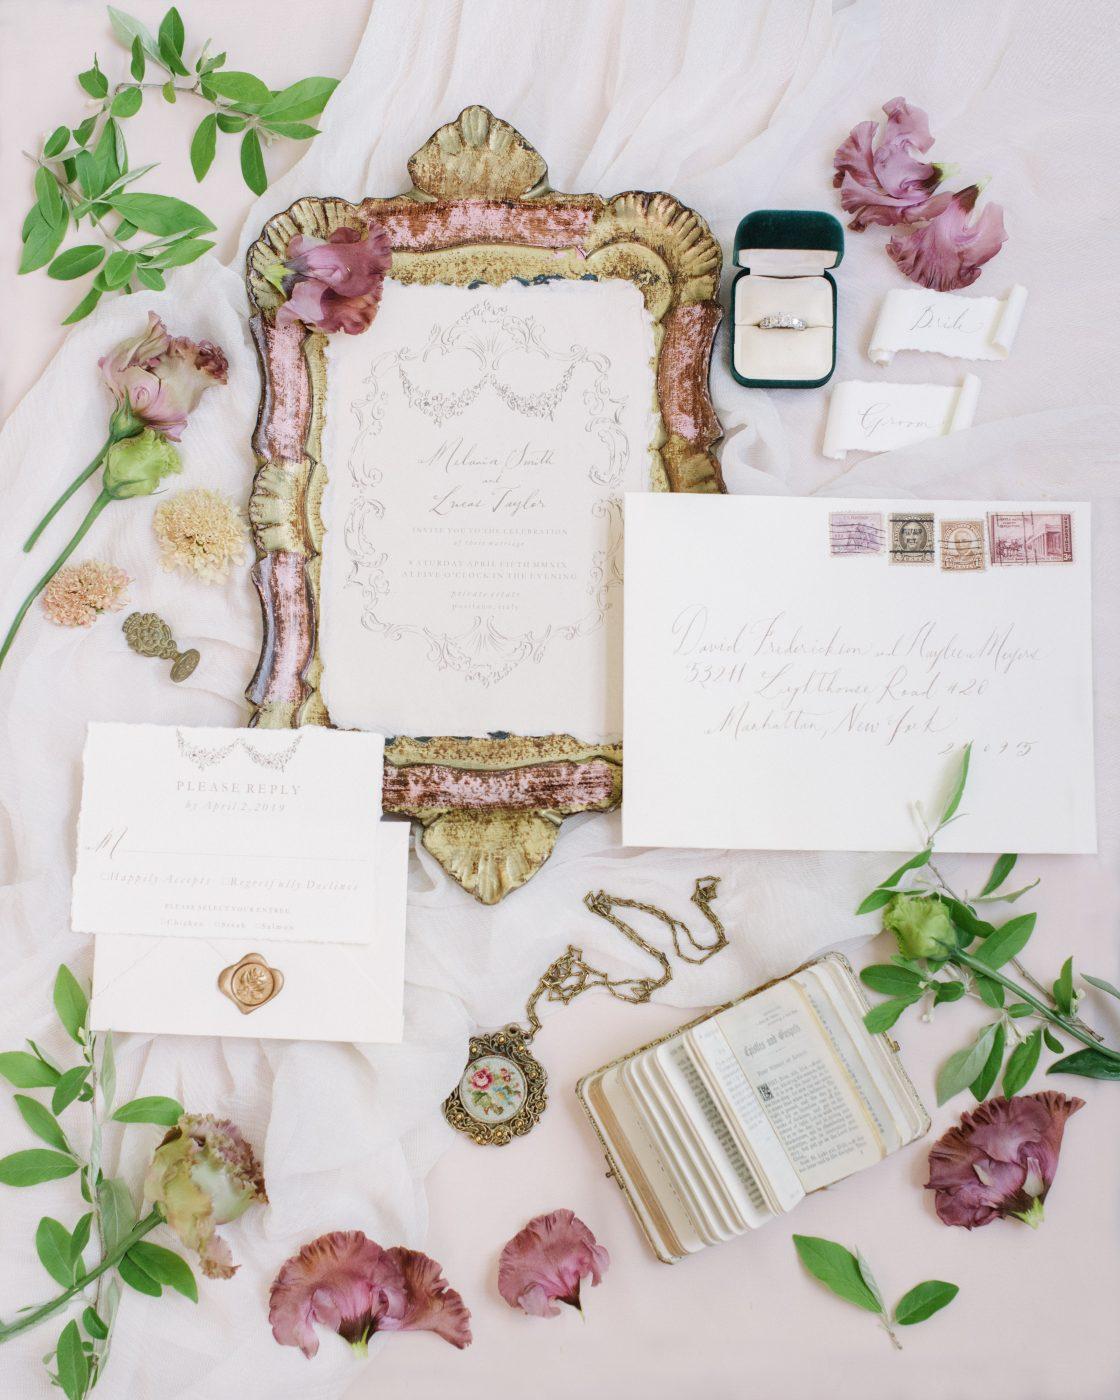 Elegant Romantic European Inspired Wedding Invitation Suite